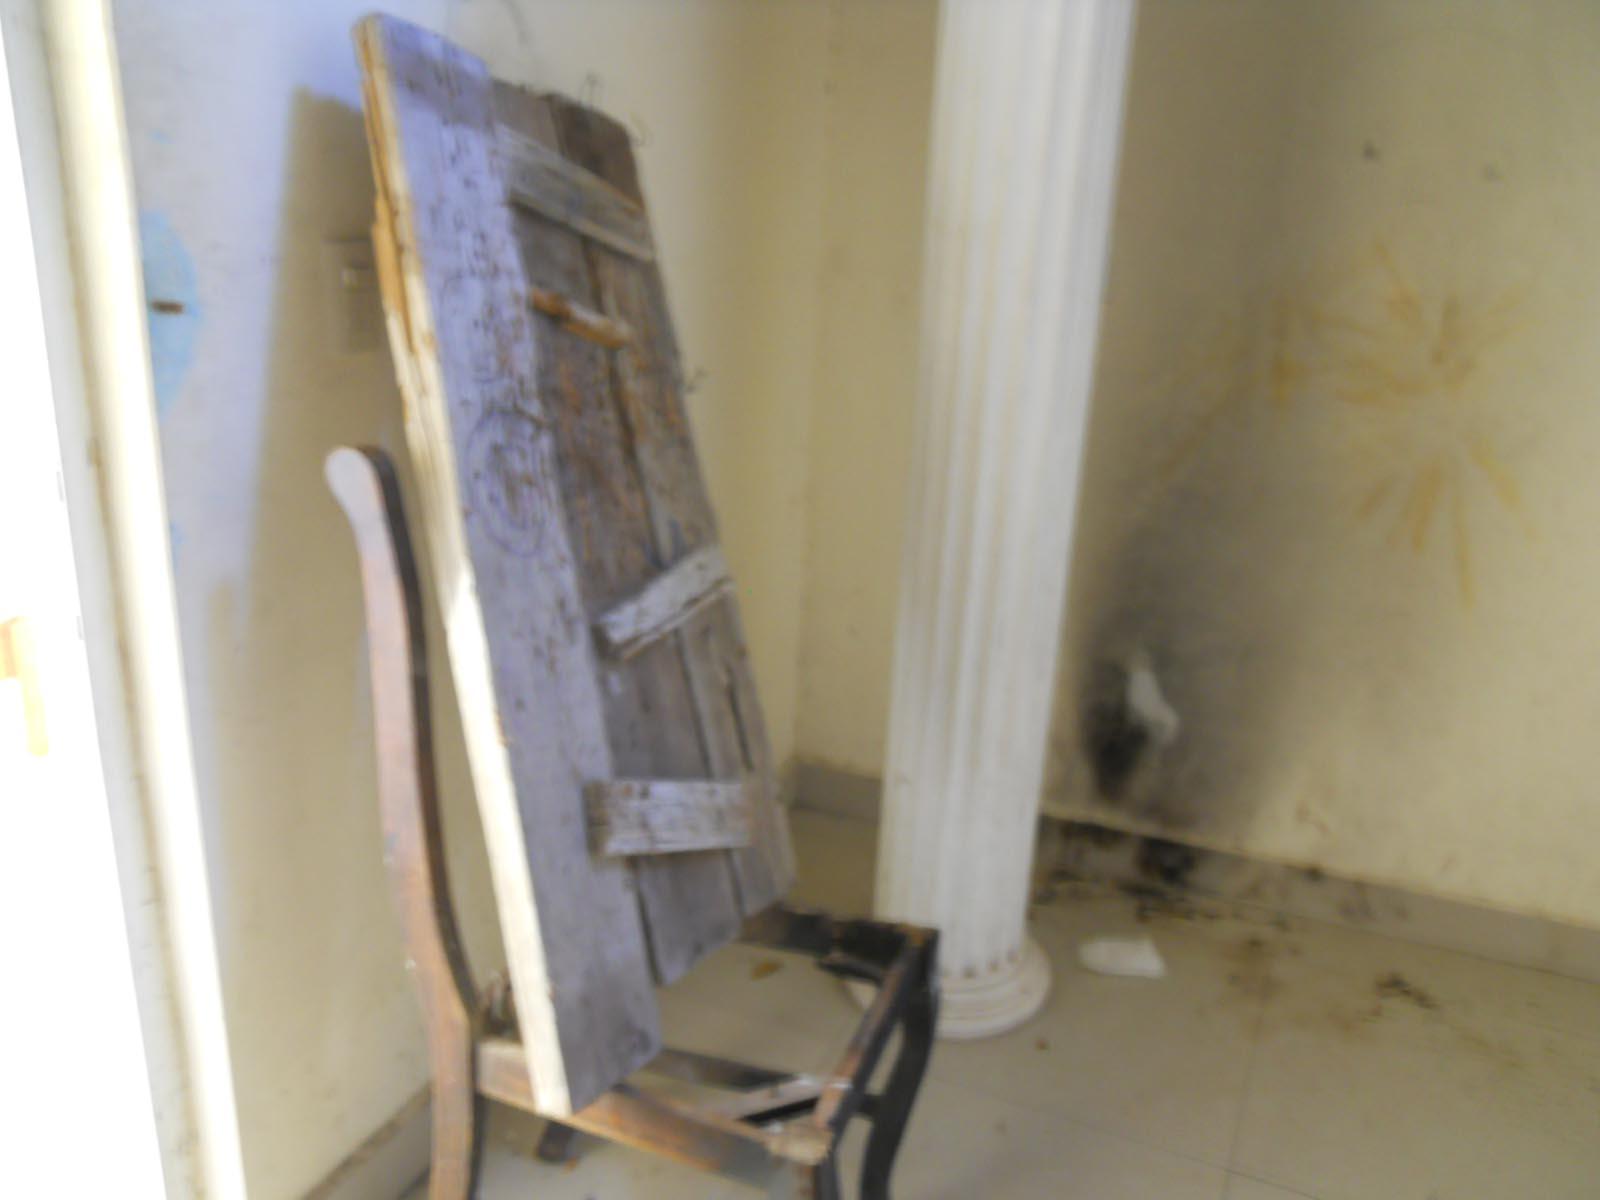 Propiedad saqueada y los muebles destruidos.